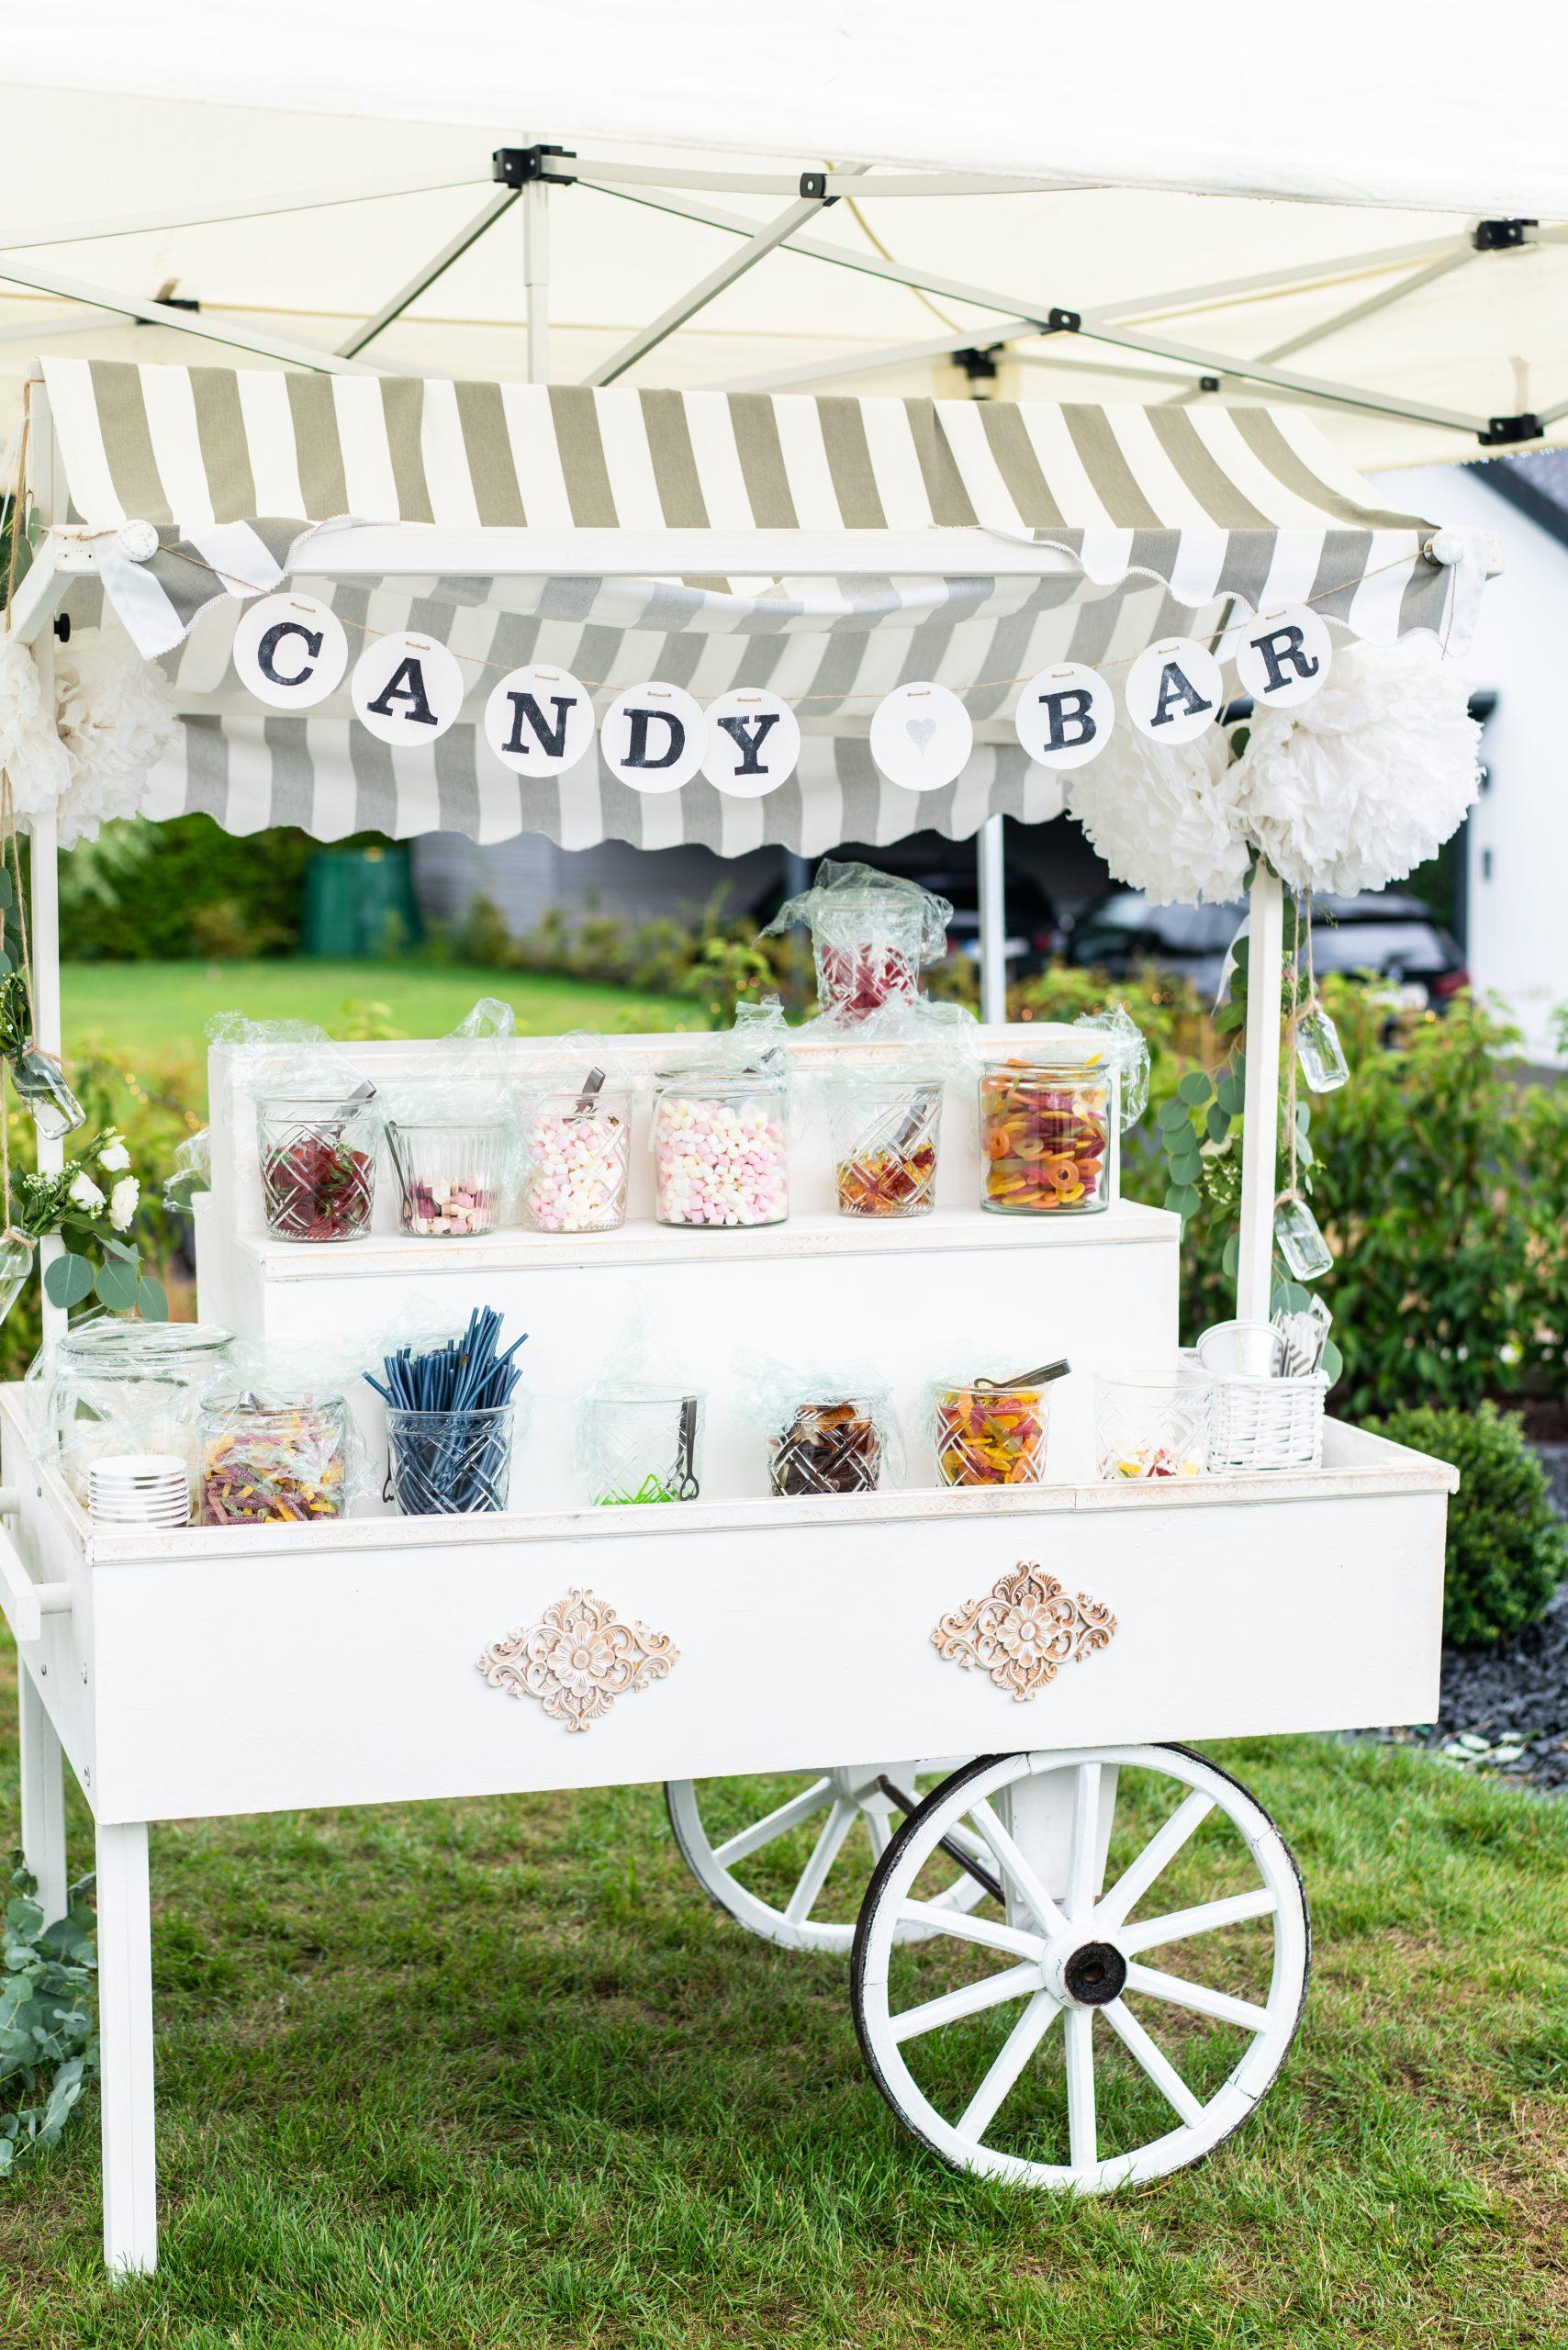 Candybar Anhänger im Vintagelook